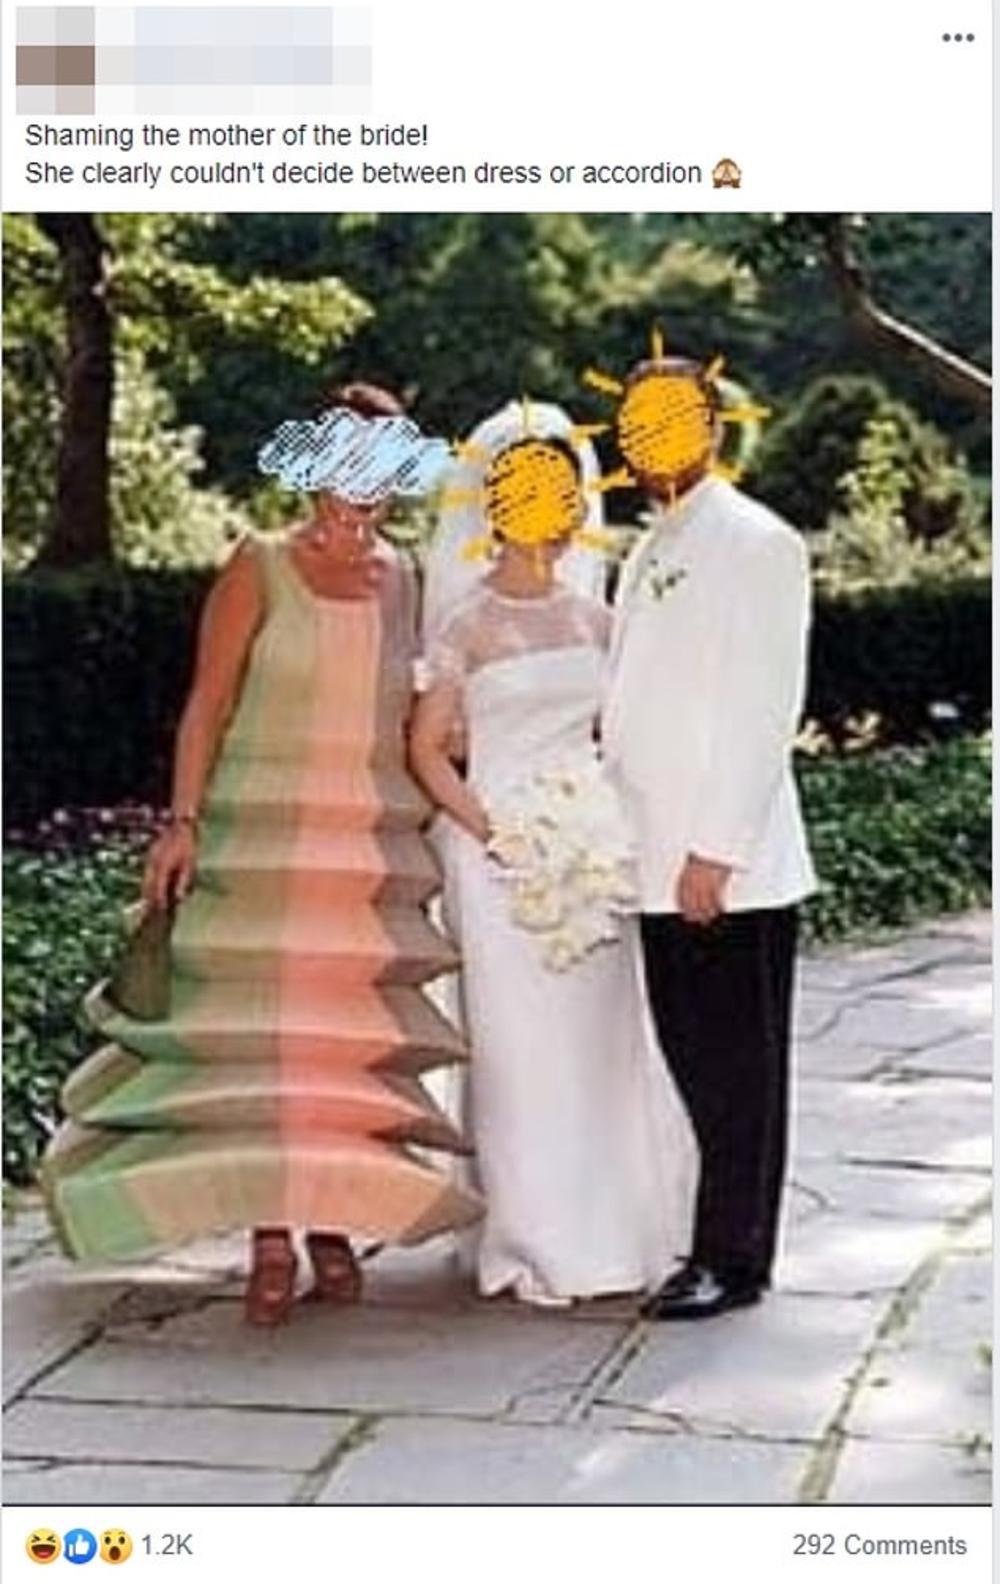 Mẹ cô dâu nên mặc gì trong đám cưới để tránh bị cười chê như trường hợp này? - 1